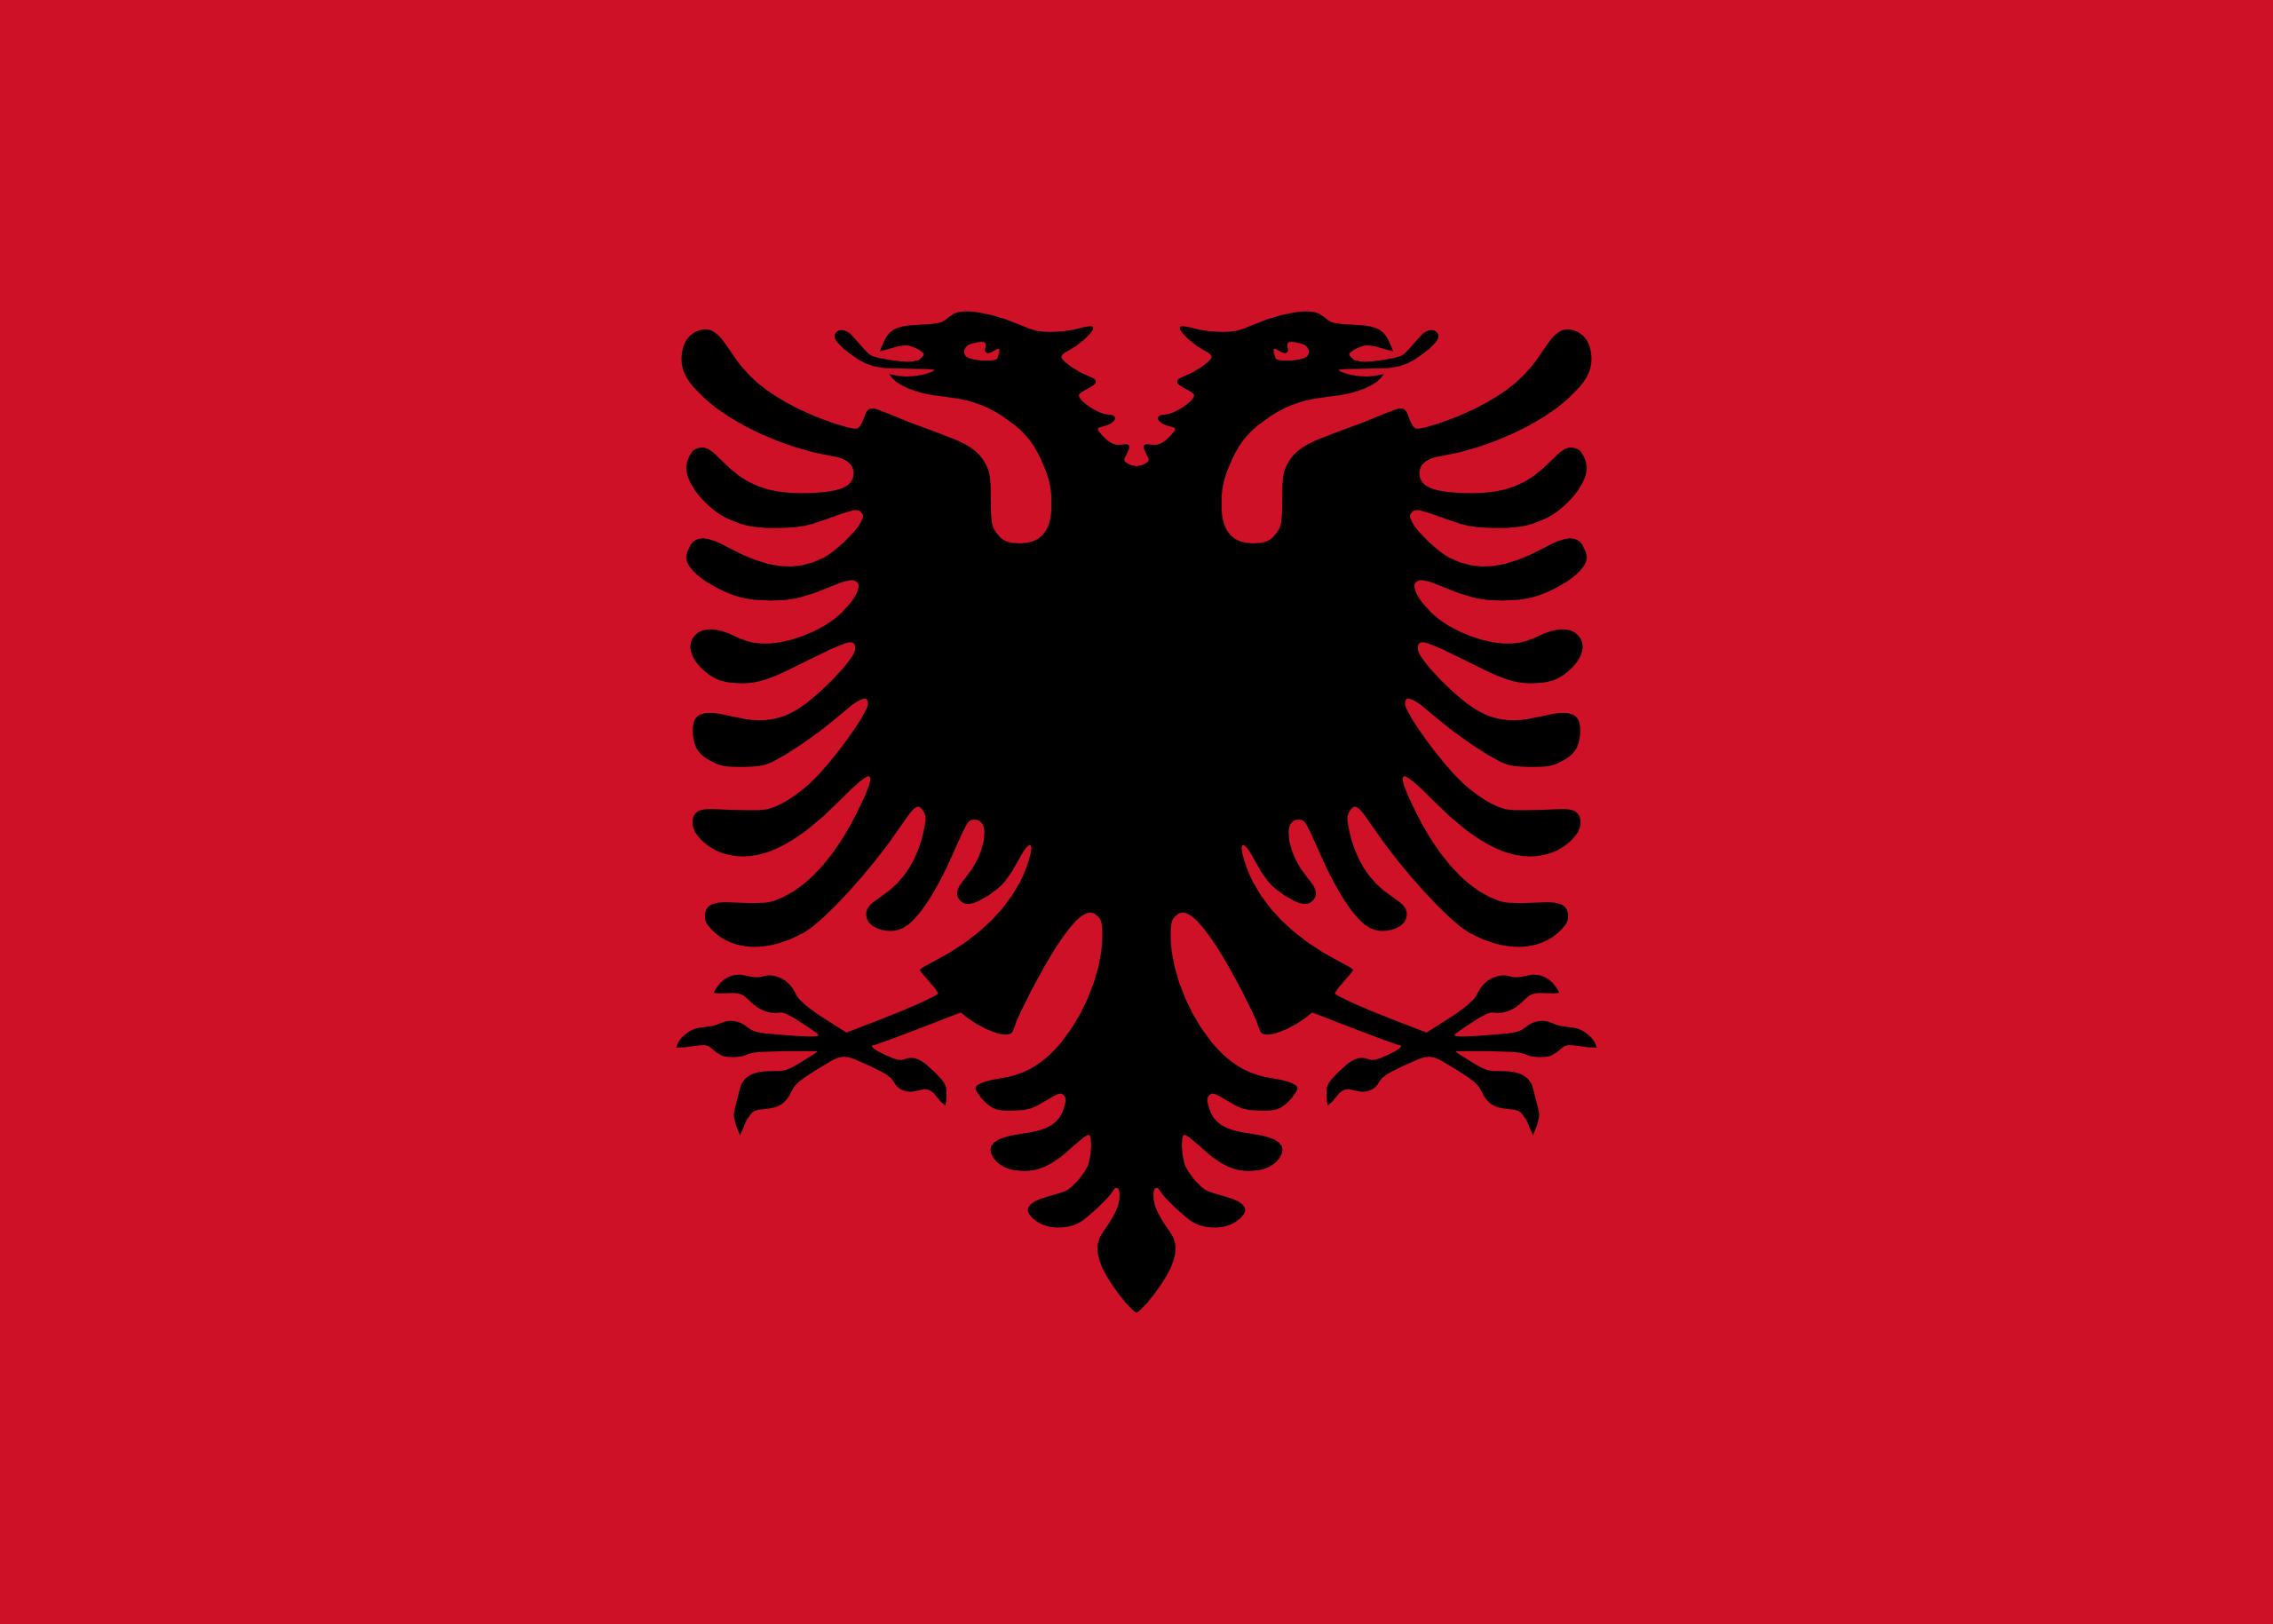 Albânia, país, Brasão de armas, logotipo, símbolo - Papéis de parede HD - Professor-falken.com